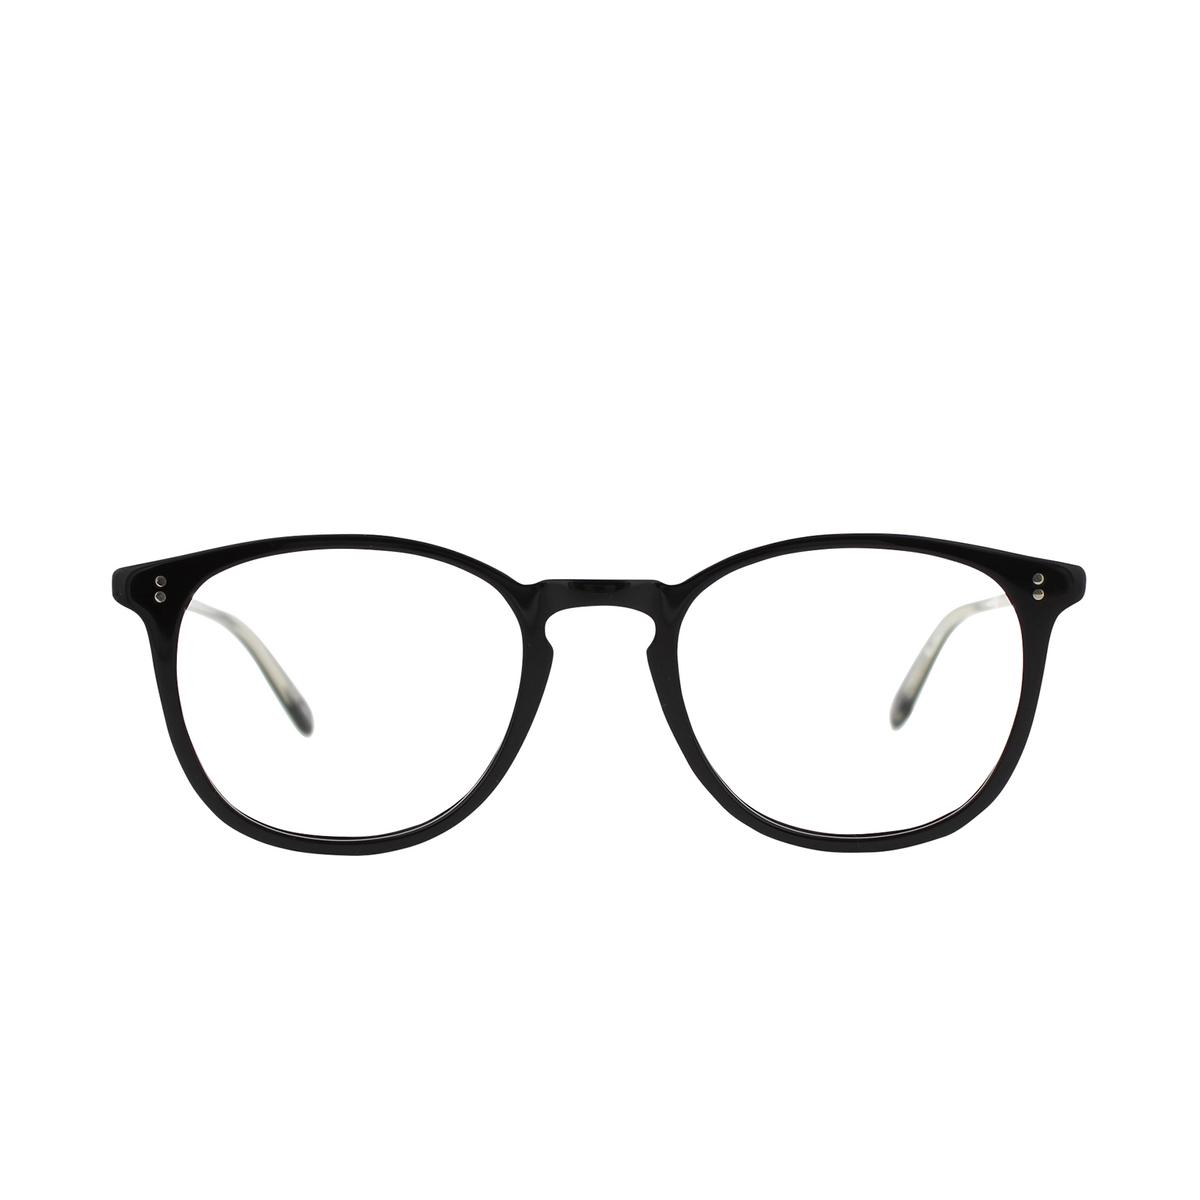 Garrett Leight® Round Eyeglasses: Kinney color Matte Black Mbk - front view.